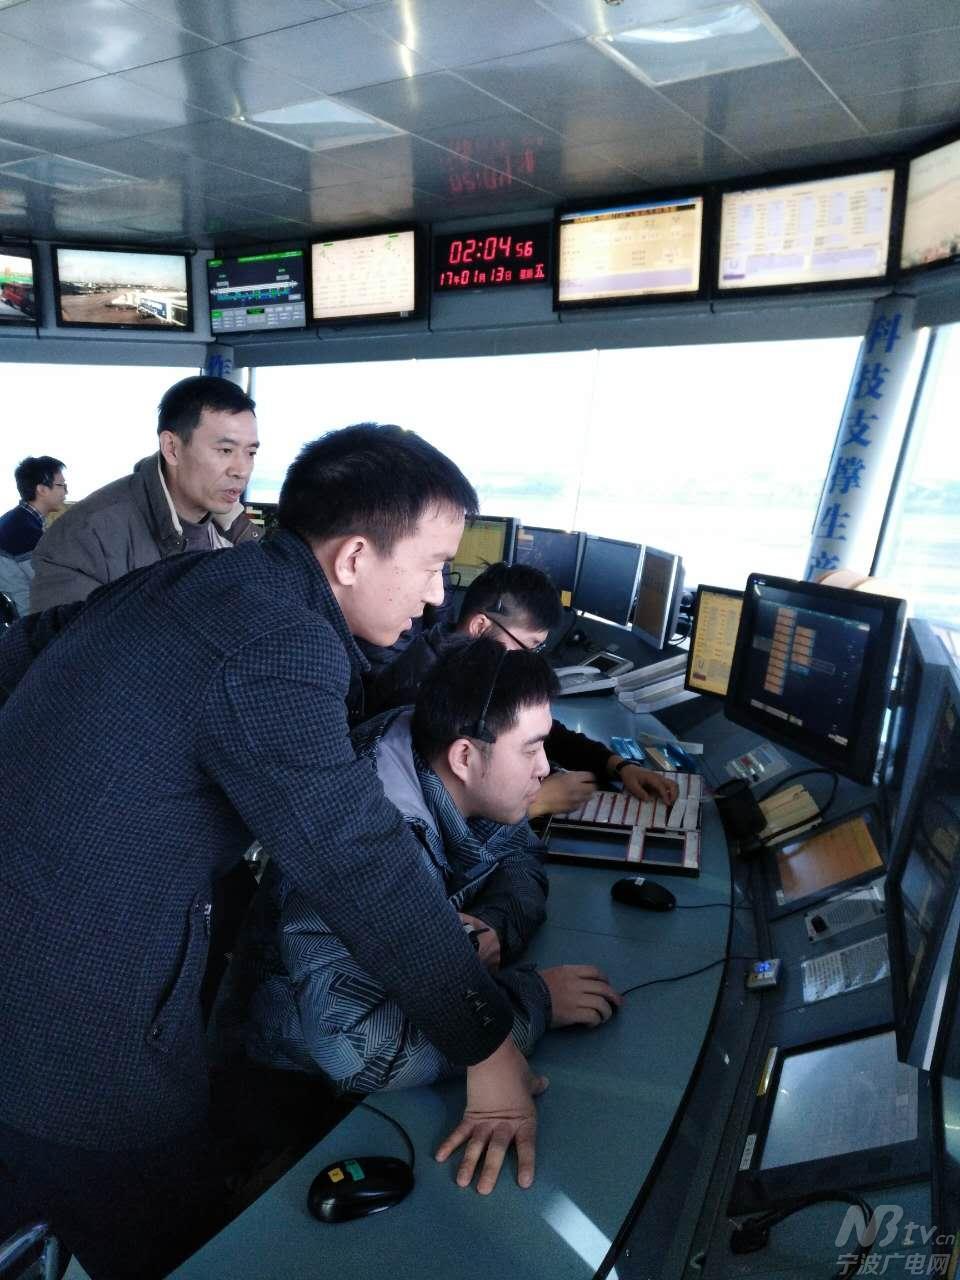 宁波空管塔台管制员指挥大流量飞行